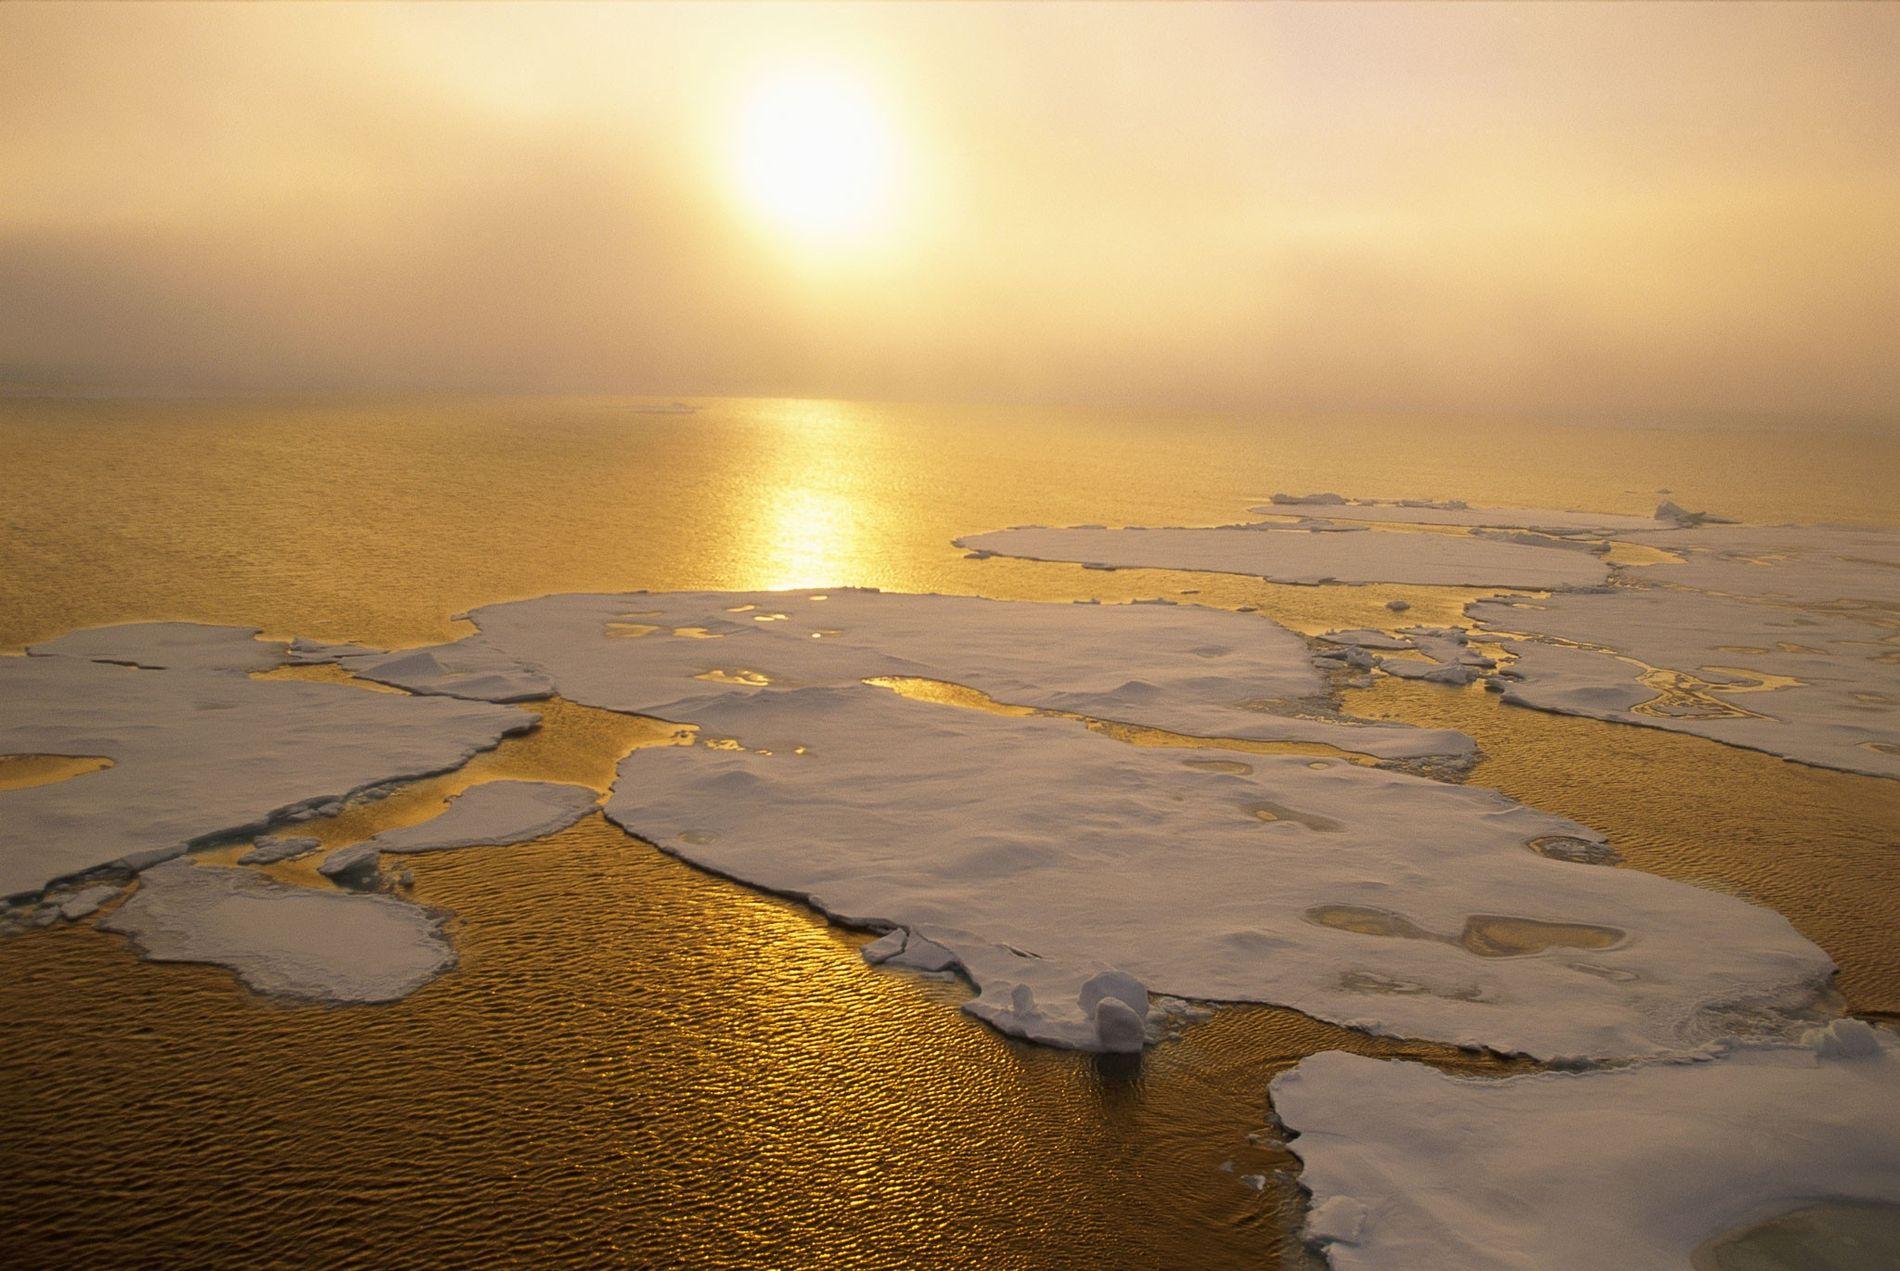 La glace arctique fond rapidement, faisant monter le niveau des mers. Mais les scientifiques savent peu de choses sur les poissons qui pourraient y vivre et sur la possibilité de les capturer de manière durable.